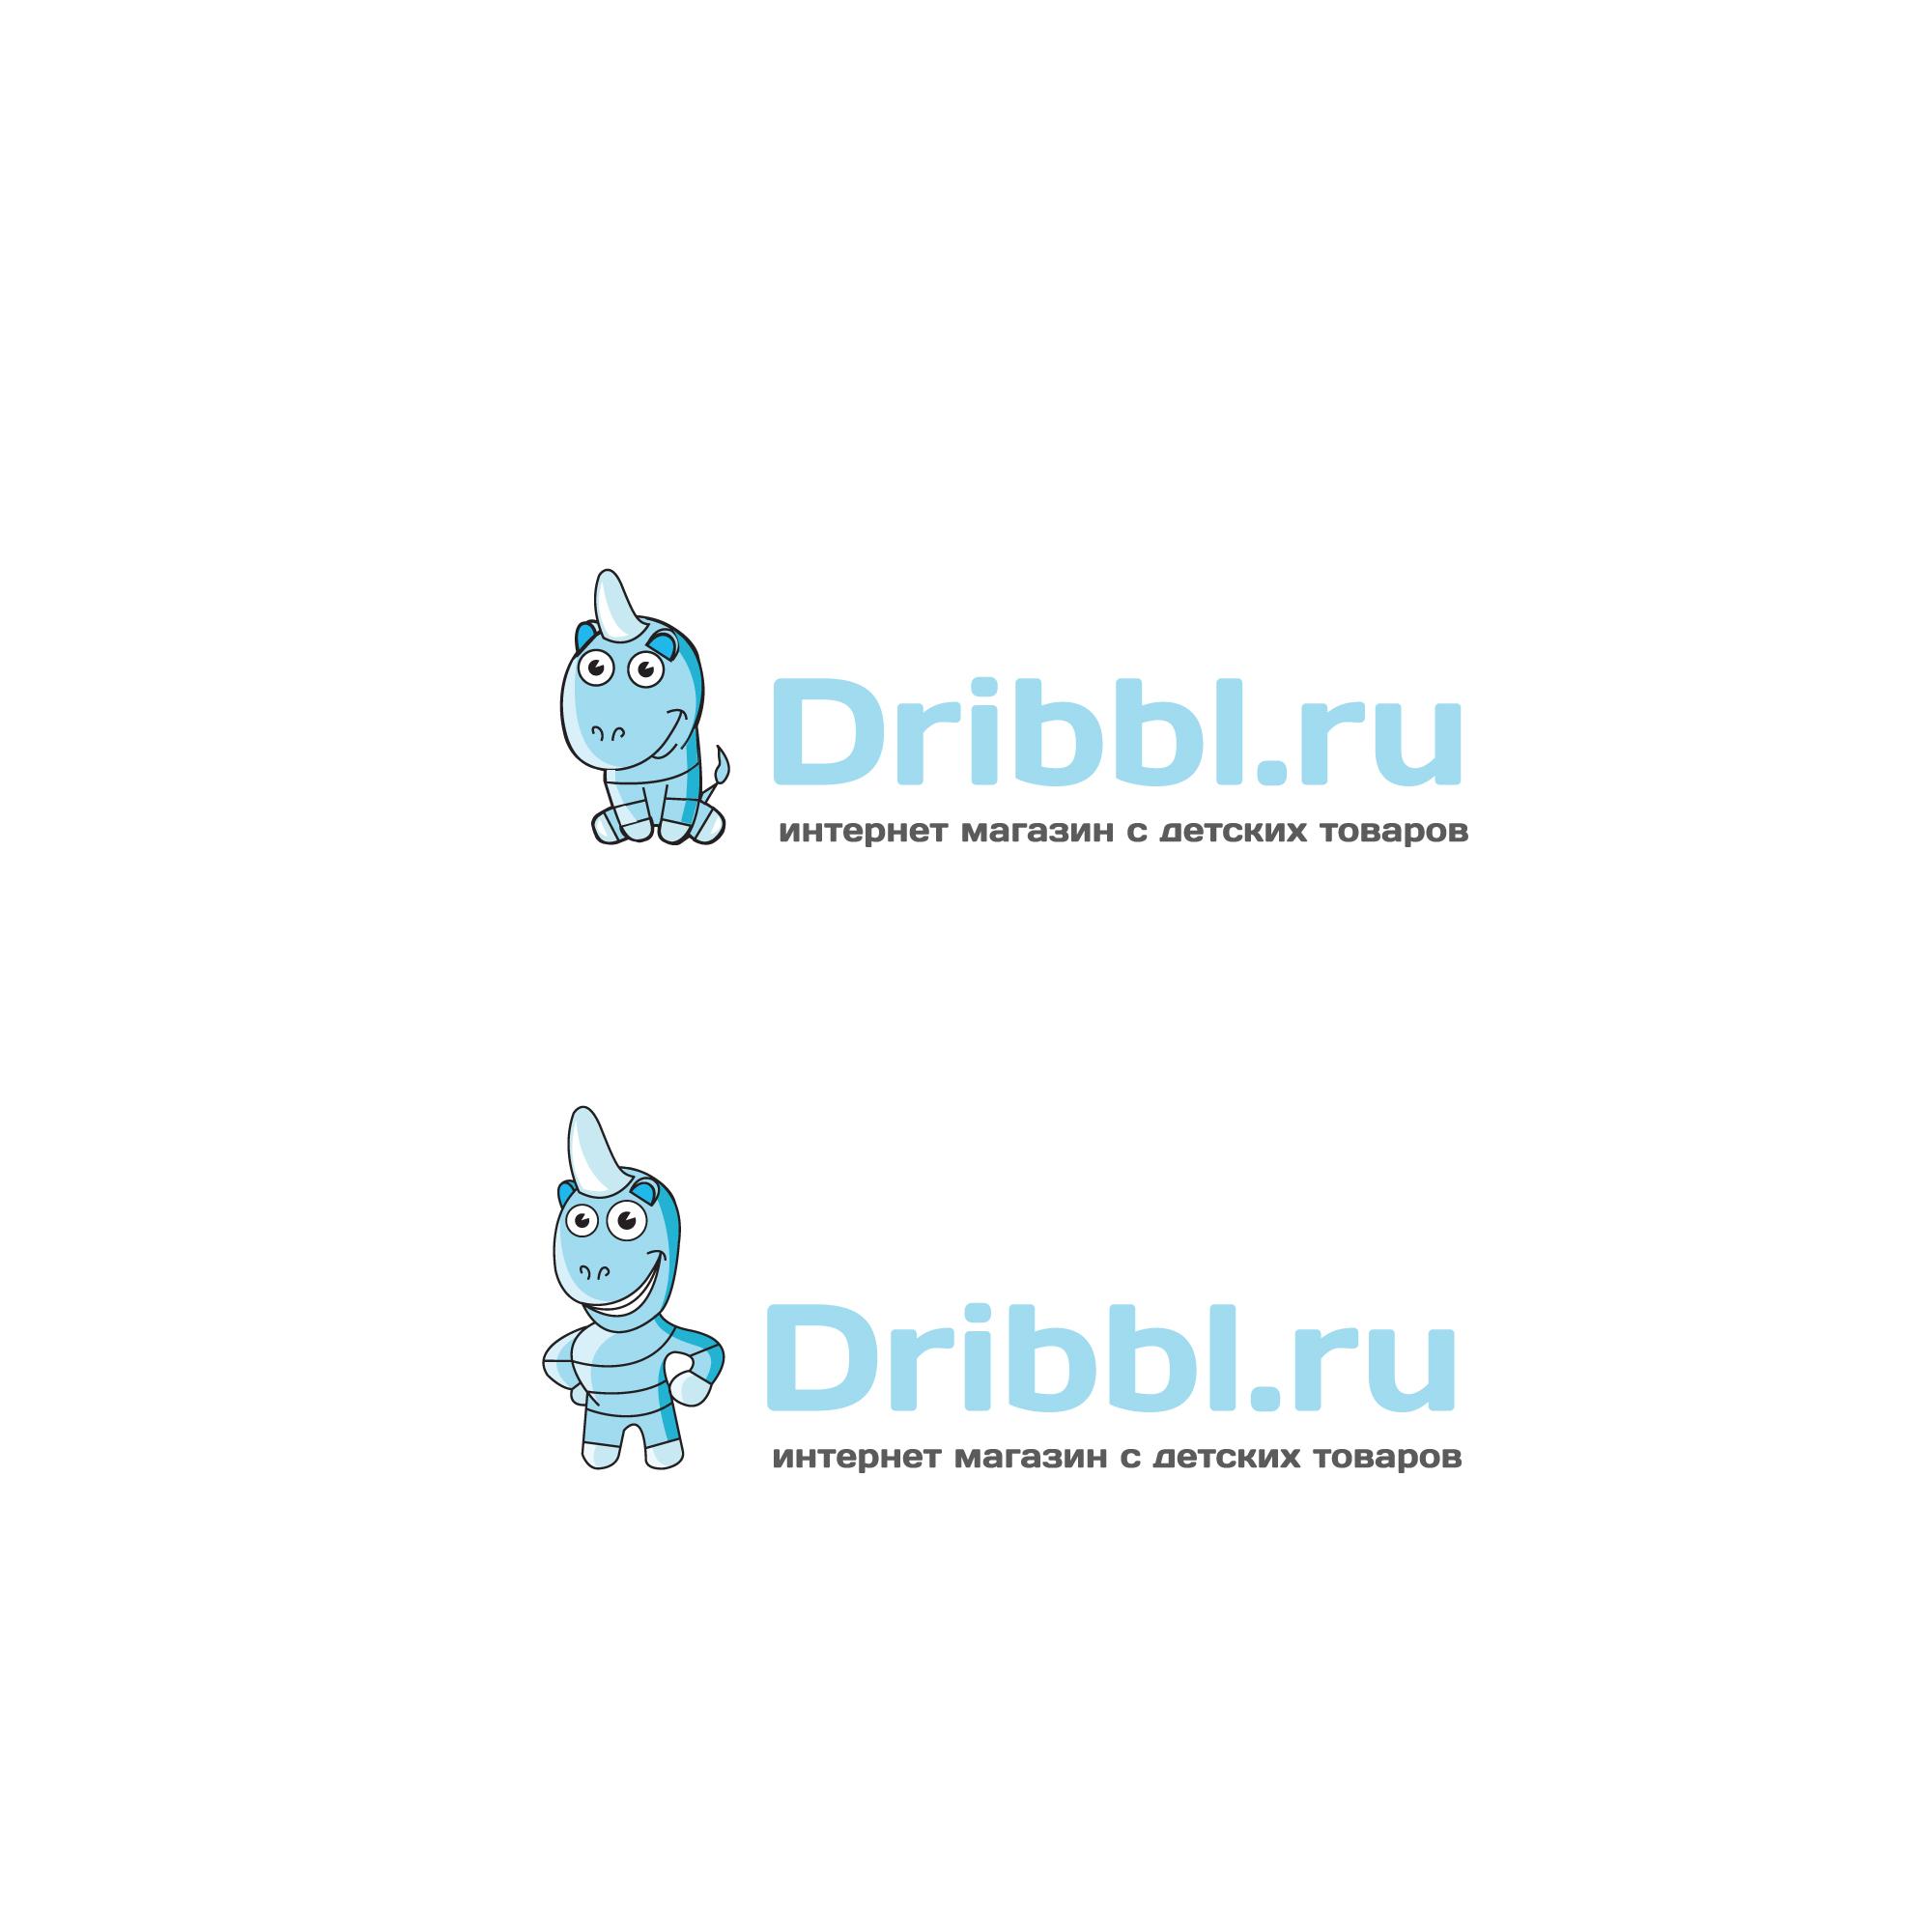 Разработка логотипа для сайта Dribbl.ru фото f_0735a9d499b1a91e.jpg